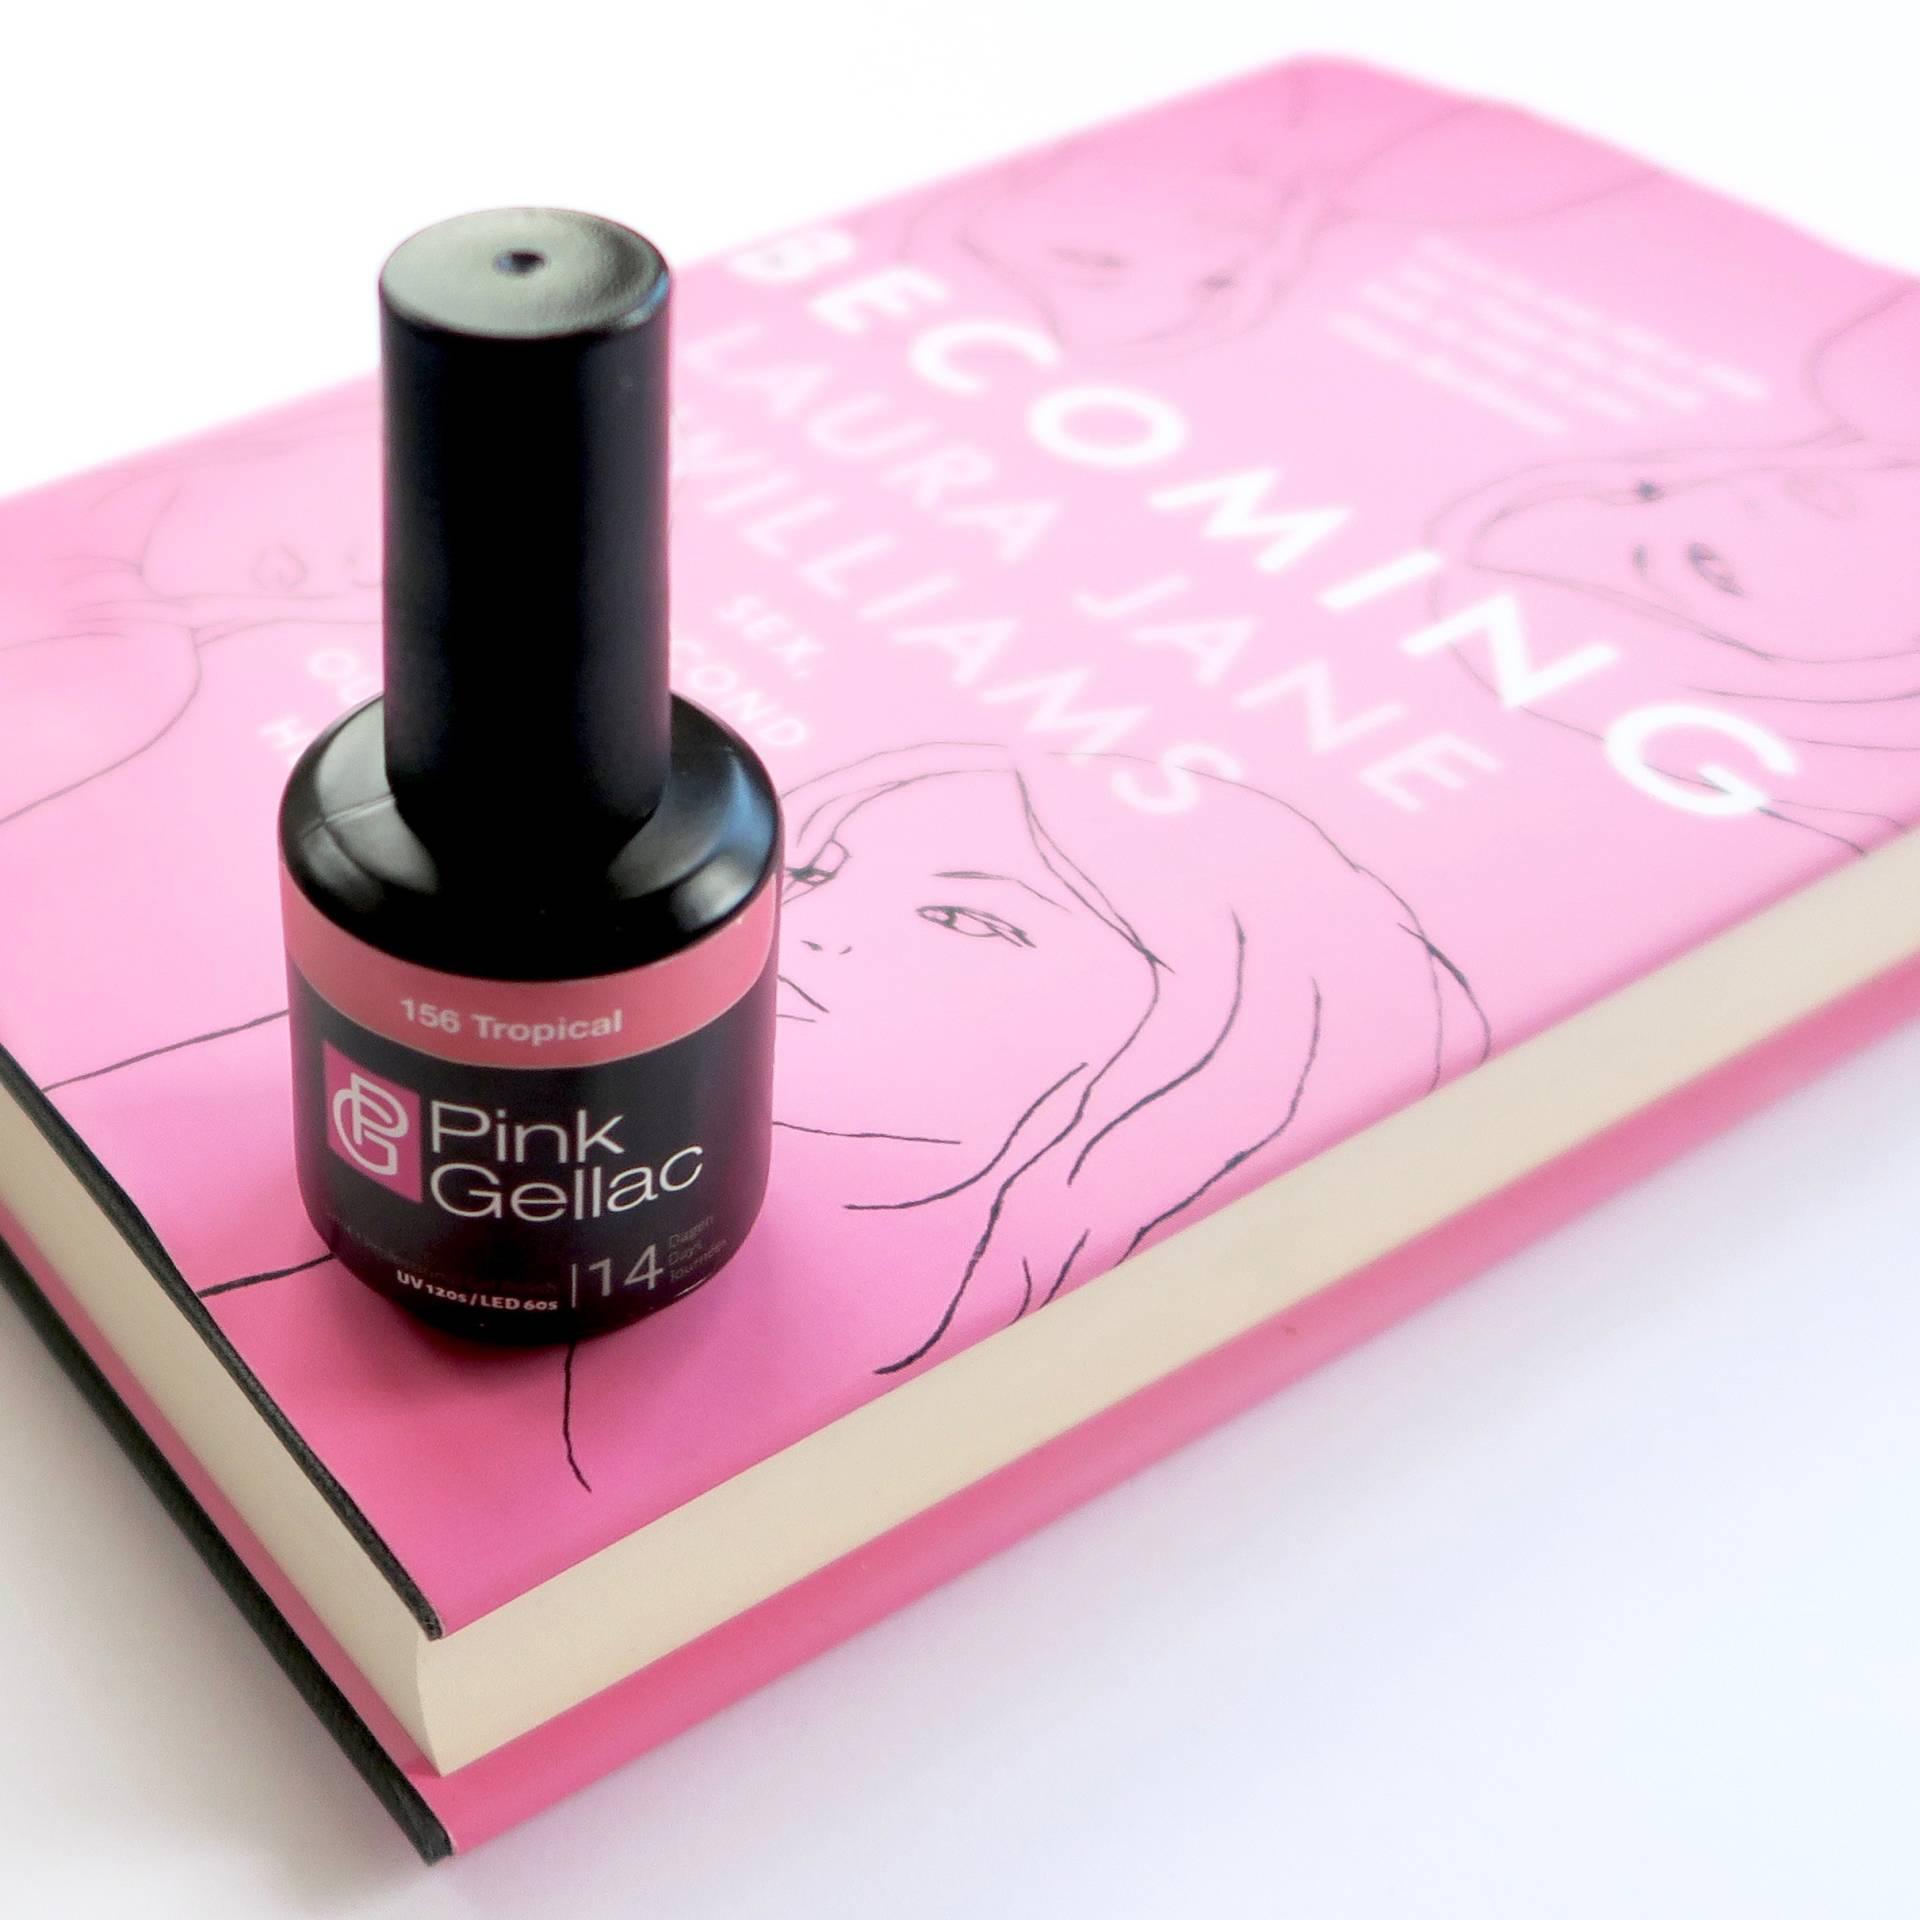 Pink Gellac Starter Kit Review